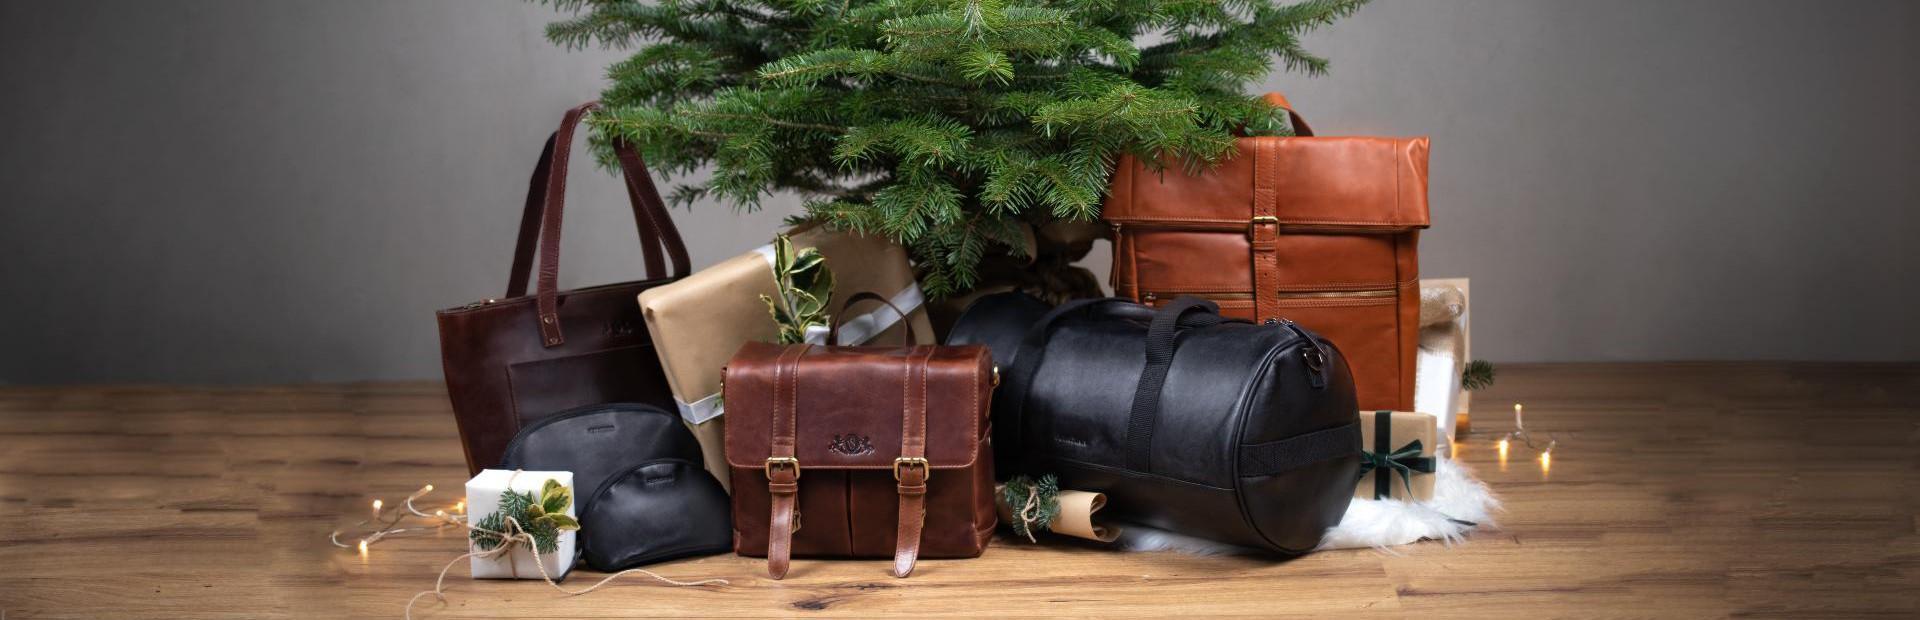 Trouver des cadeaux